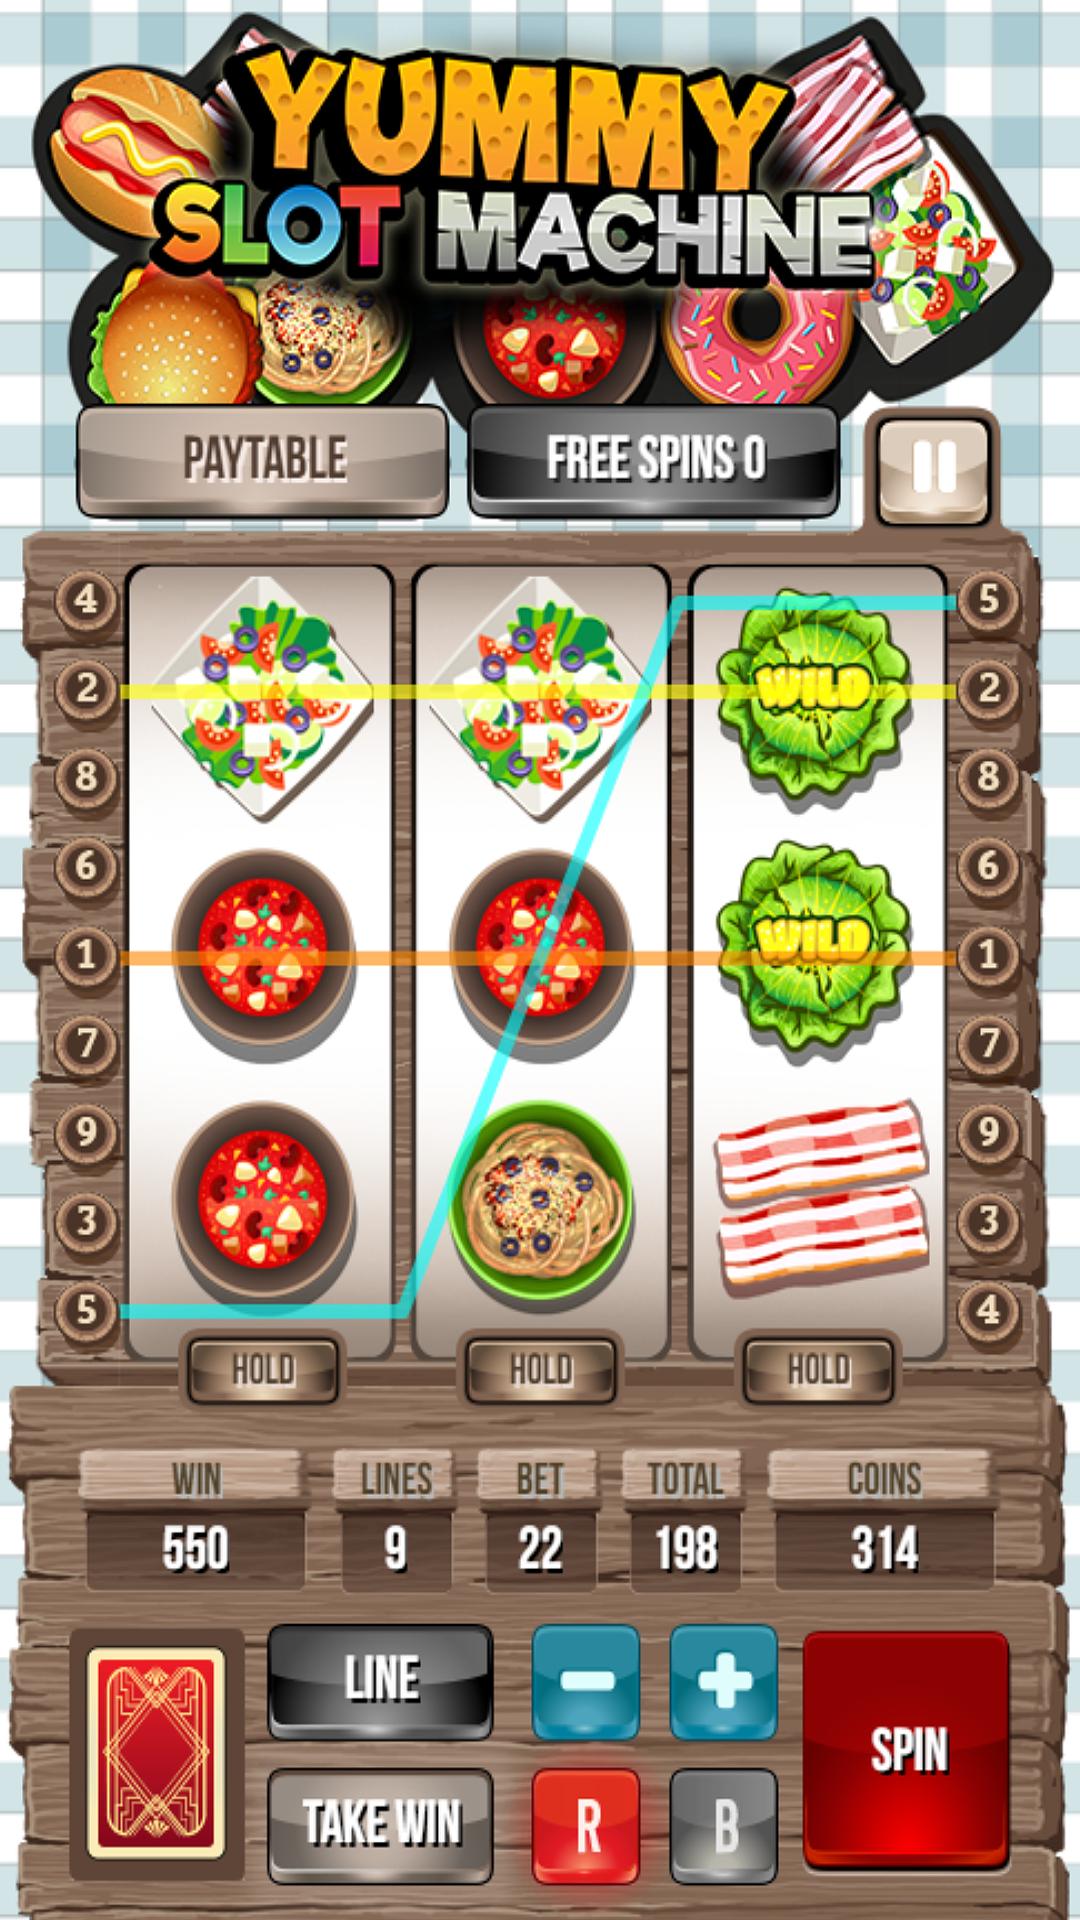 Яндекс игровые автоматы играть онлайн бесплатно capcom игровые автоматы